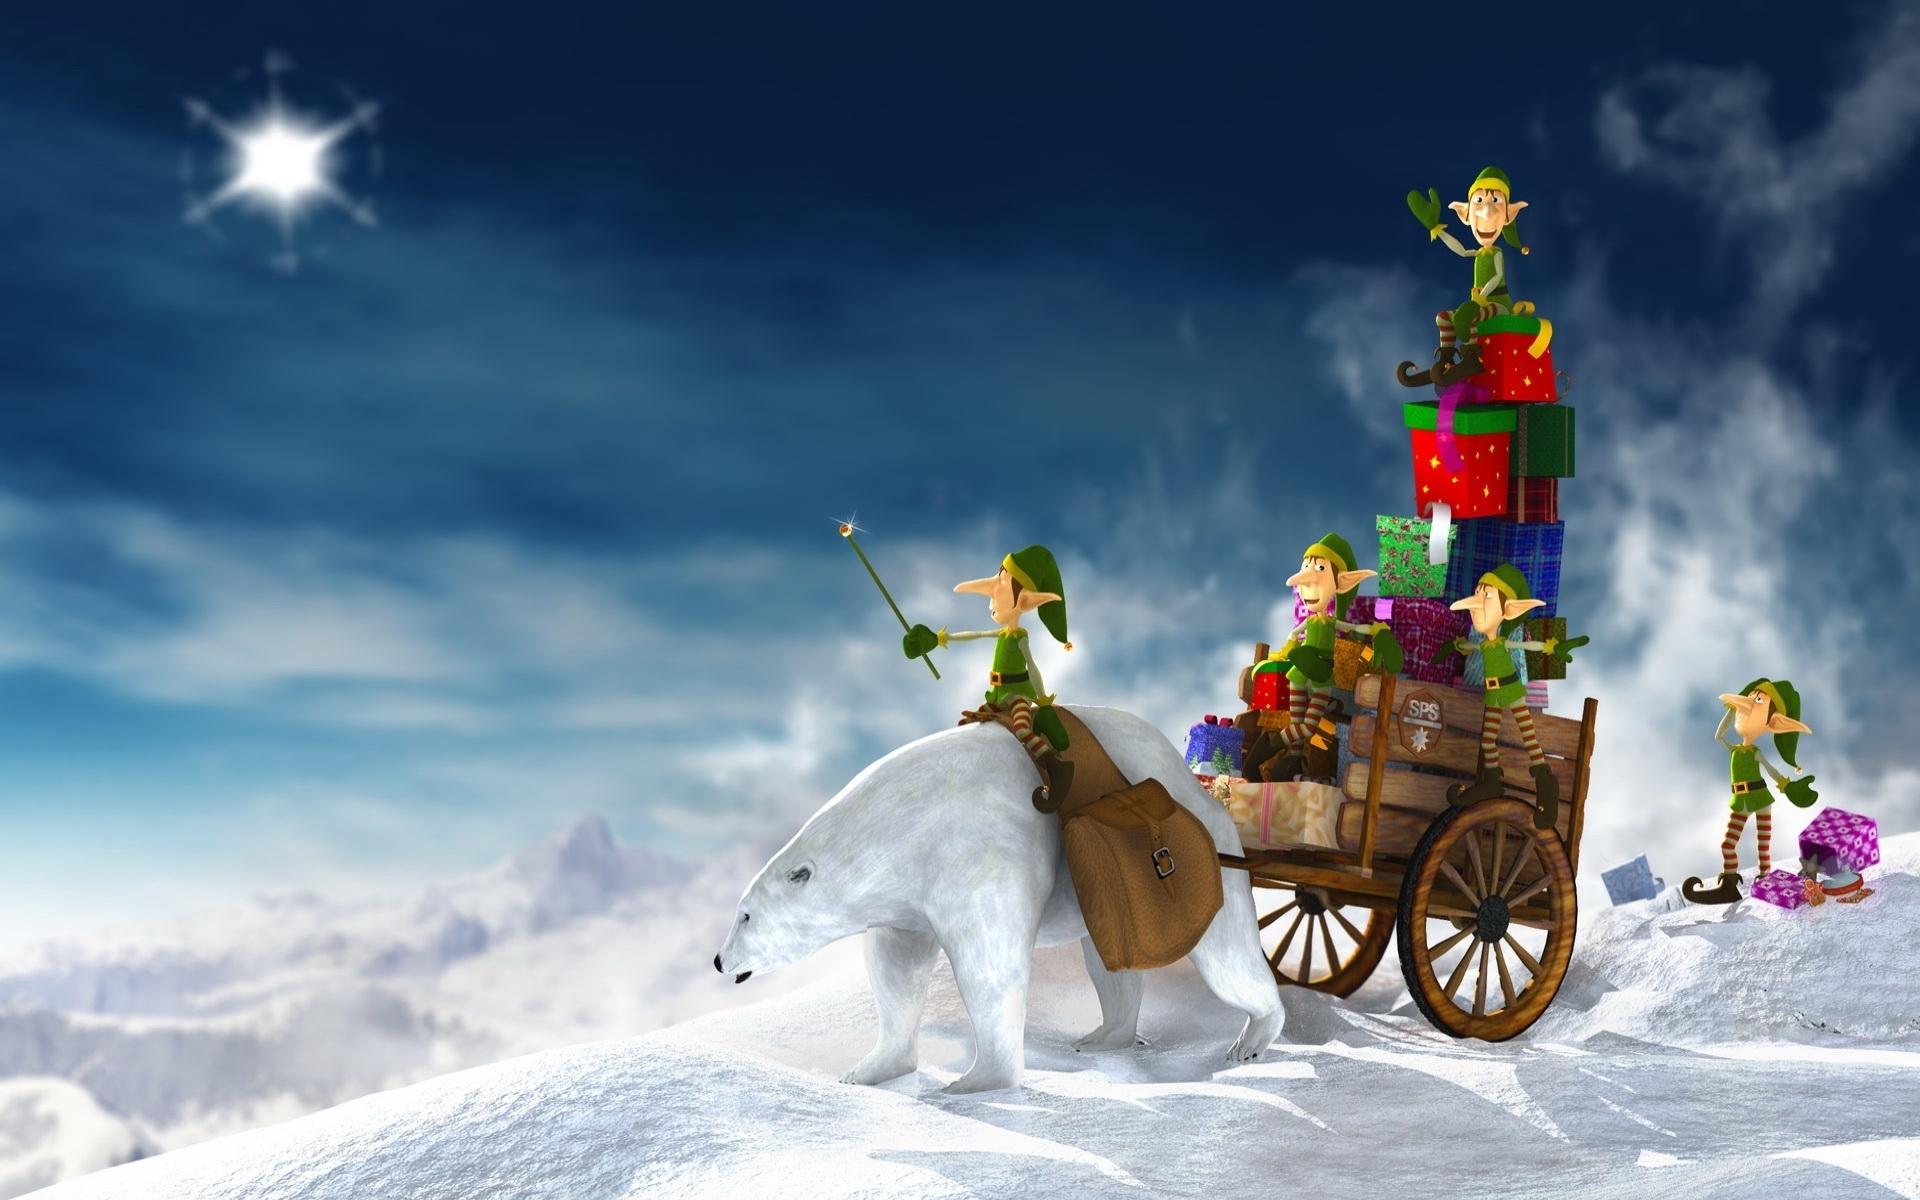 3712 descargar fondo de pantalla Vacaciones, Invierno, Año Nuevo, Navidad: protectores de pantalla e imágenes gratis